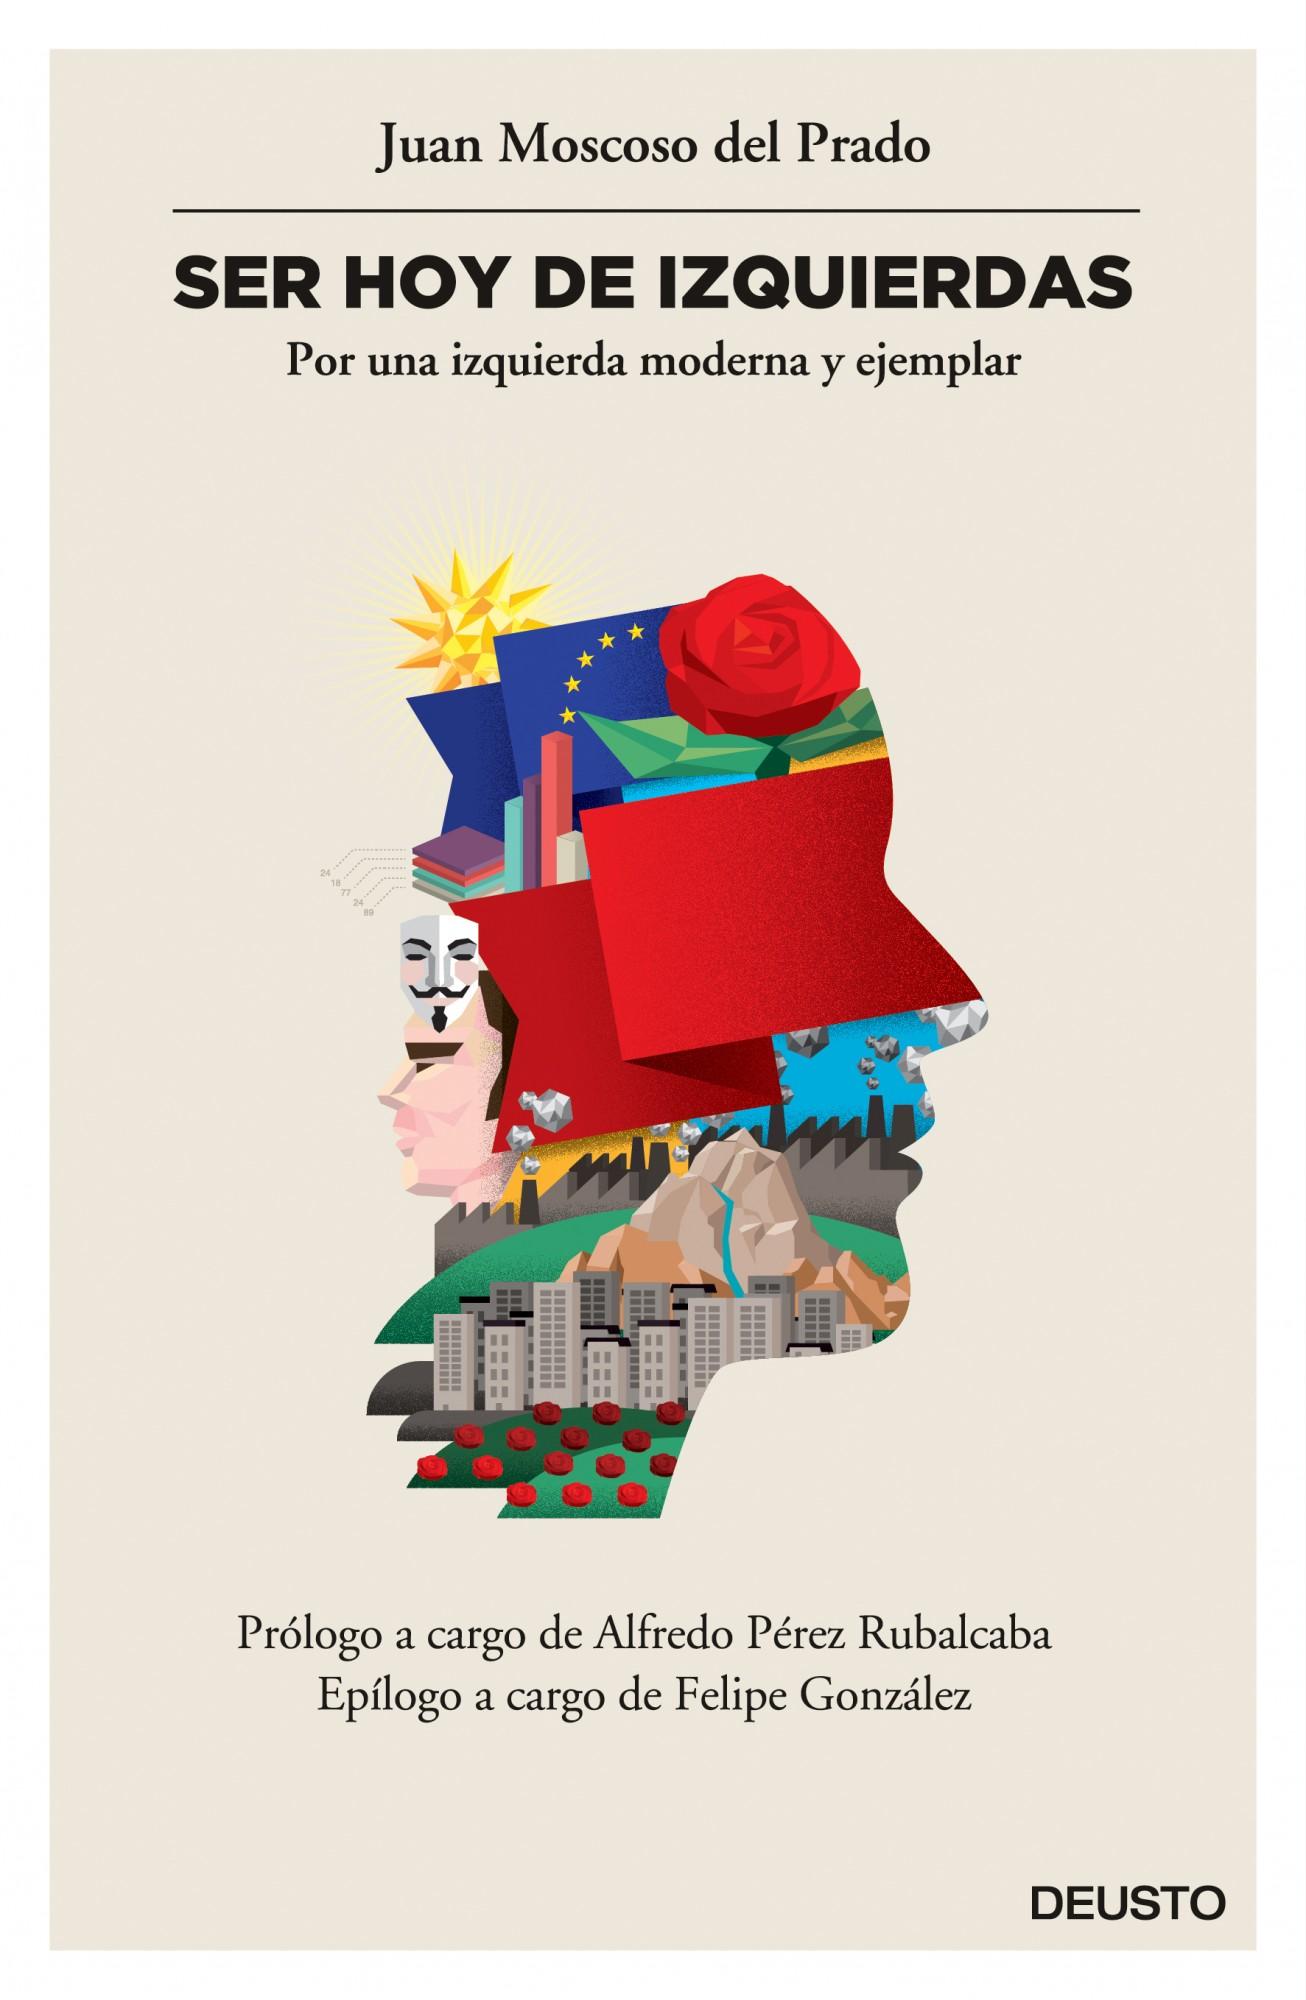 Ser hoy de izquierdas, de Juan Moscoso, aborda los problemas actuales de la socialdemocracia